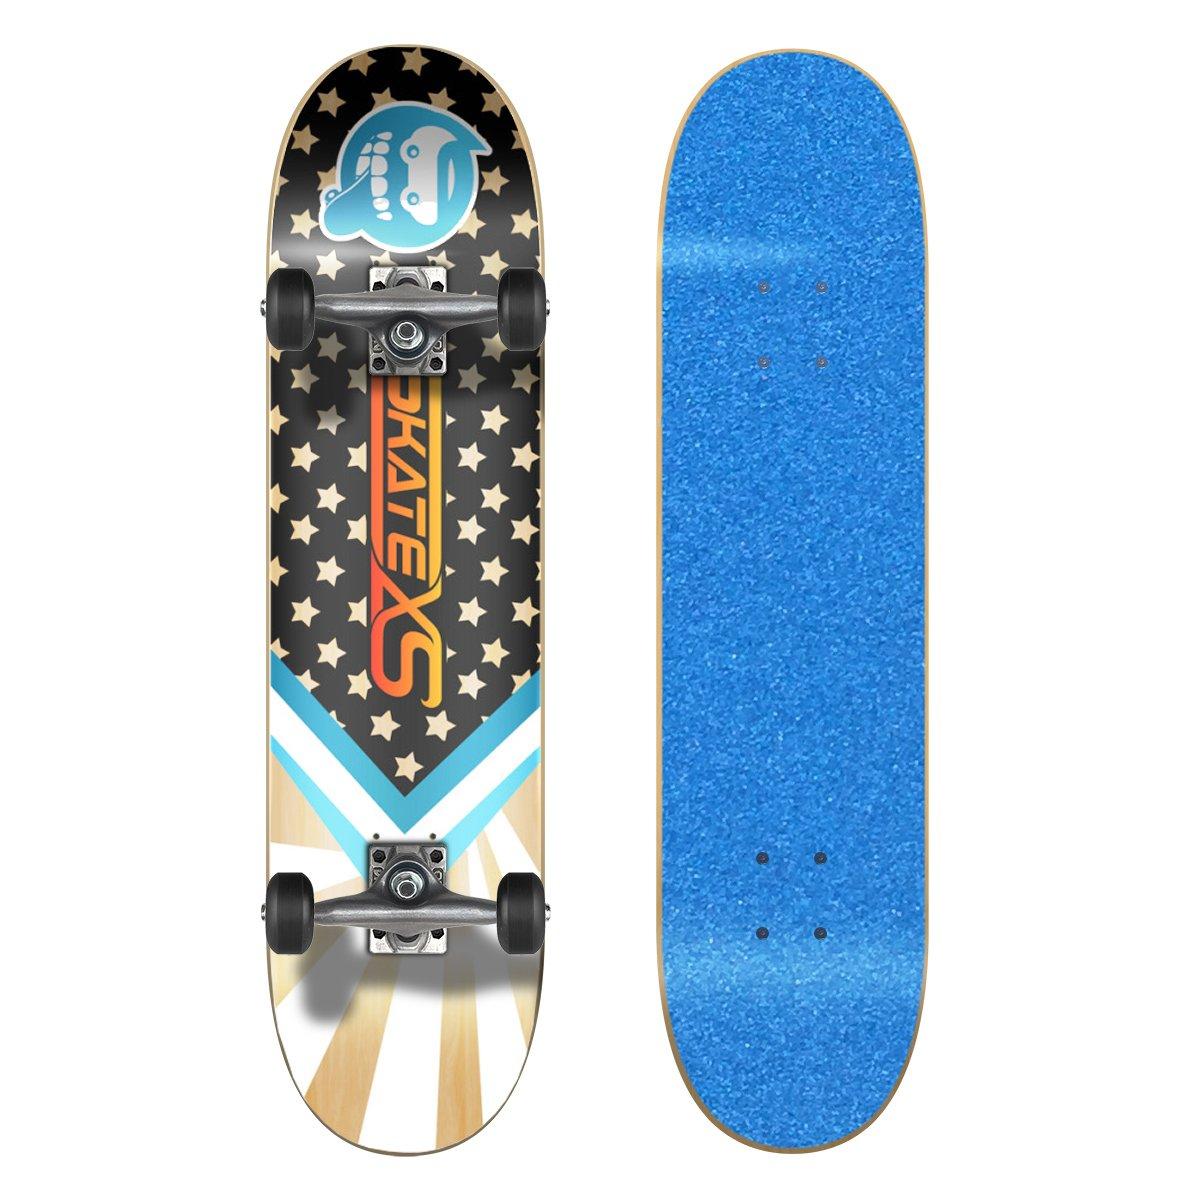 激安本物 SkateXS (Ages 初心者 スターボード ストリート 8-10)|Blue Grip スケートボード B01MSV83IU 7.25 x 29 (Ages 8-10)|Blue Grip Tape/ Black Wheels Blue Grip Tape/ Black Wheels 7.25 x 29 (Ages 8-10), キャンペーン365:e98bb5ea --- a0267596.xsph.ru